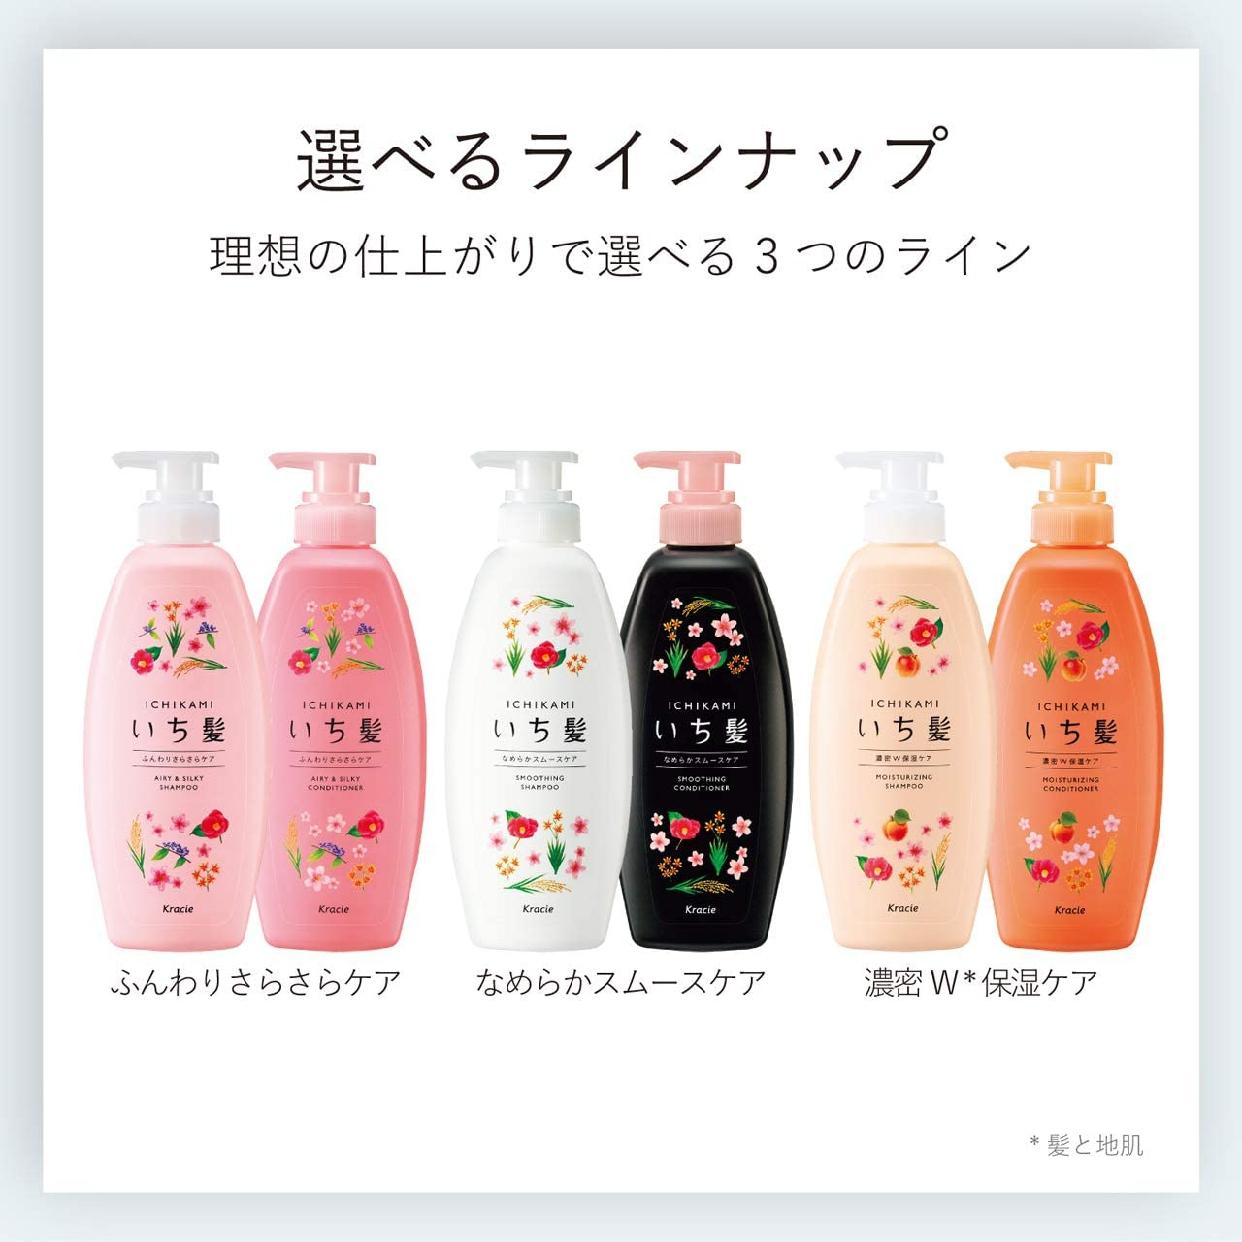 いち髪(ICHIKAMI) なめらか スムースケアシャンプーの商品画像9